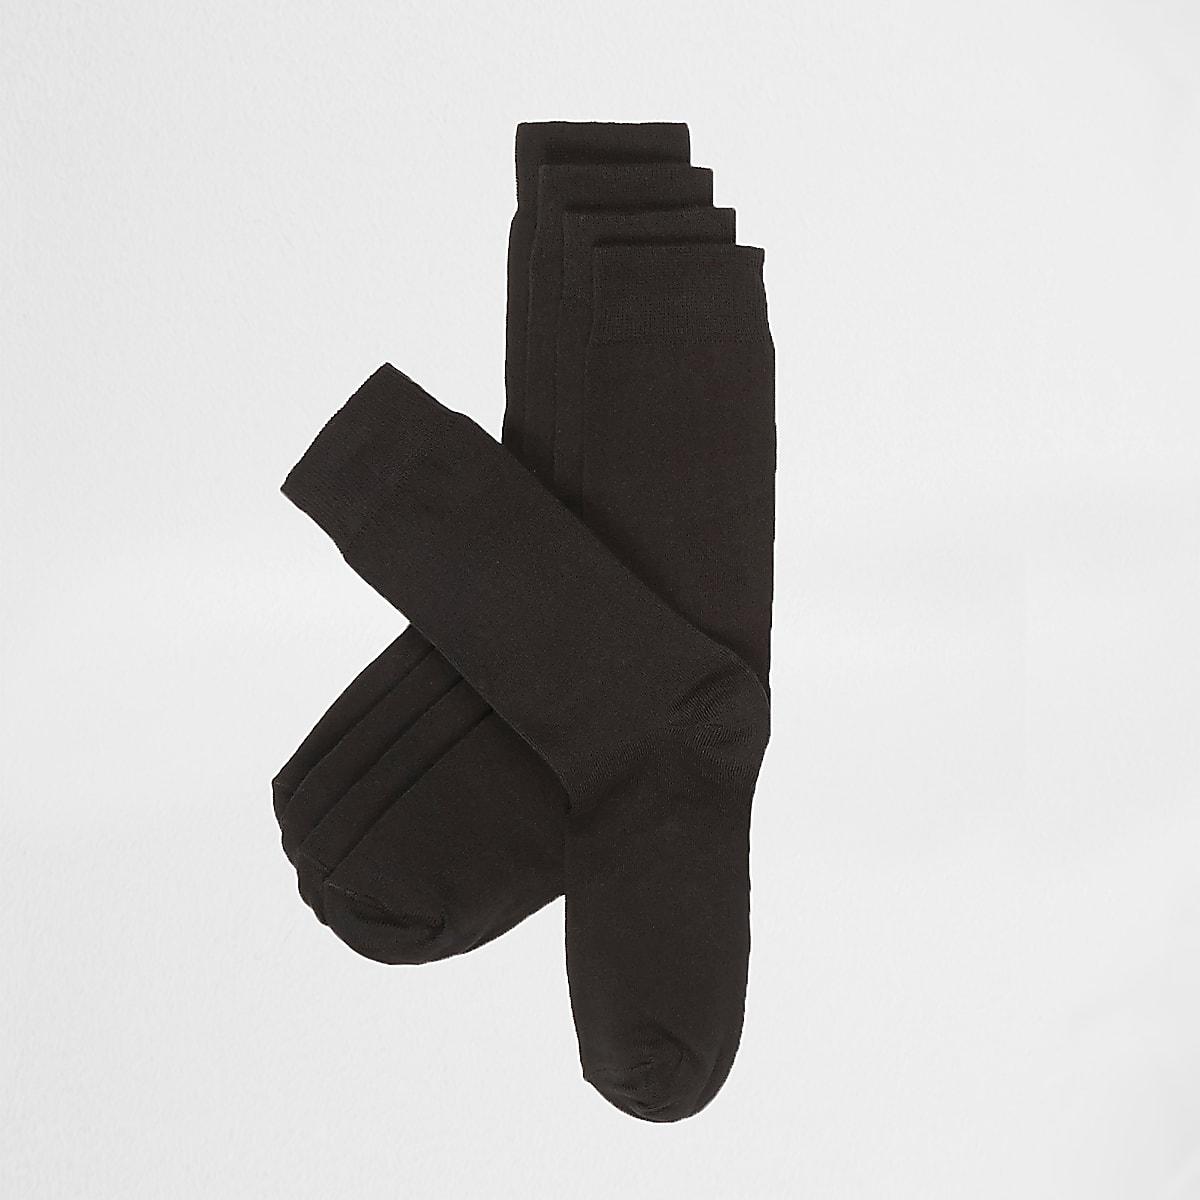 Plain black socks 5 pack